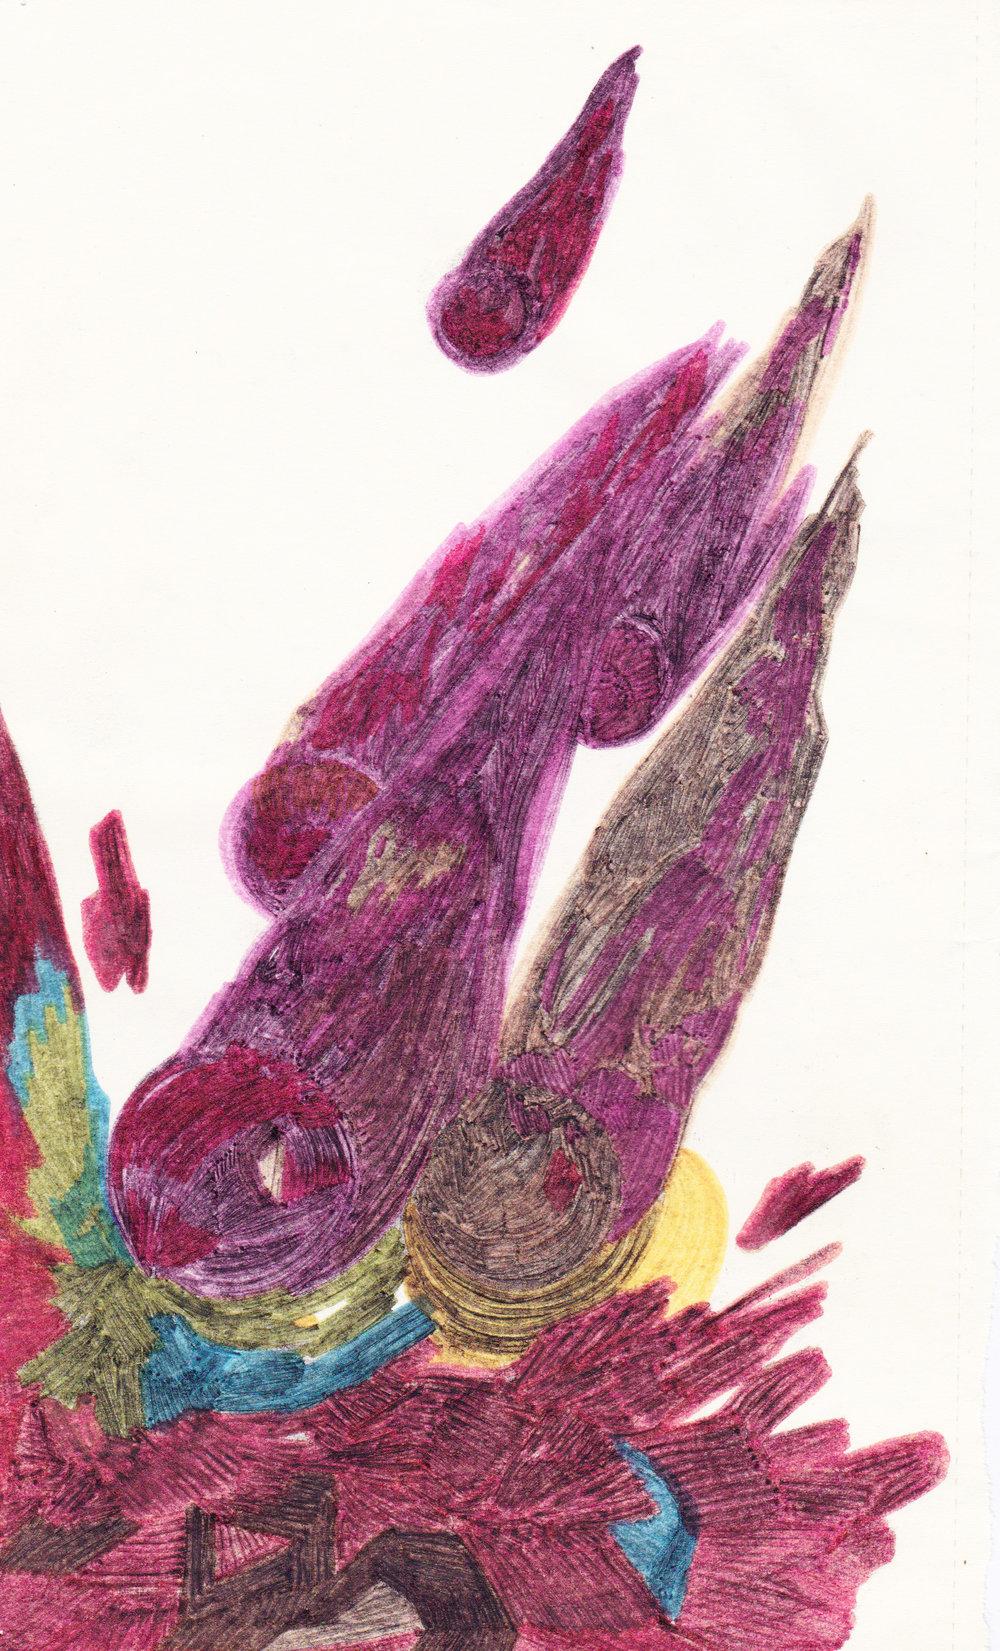 Comètes , dessin au fusain et aux feutres de couleurs, 21x15,5, 2012.